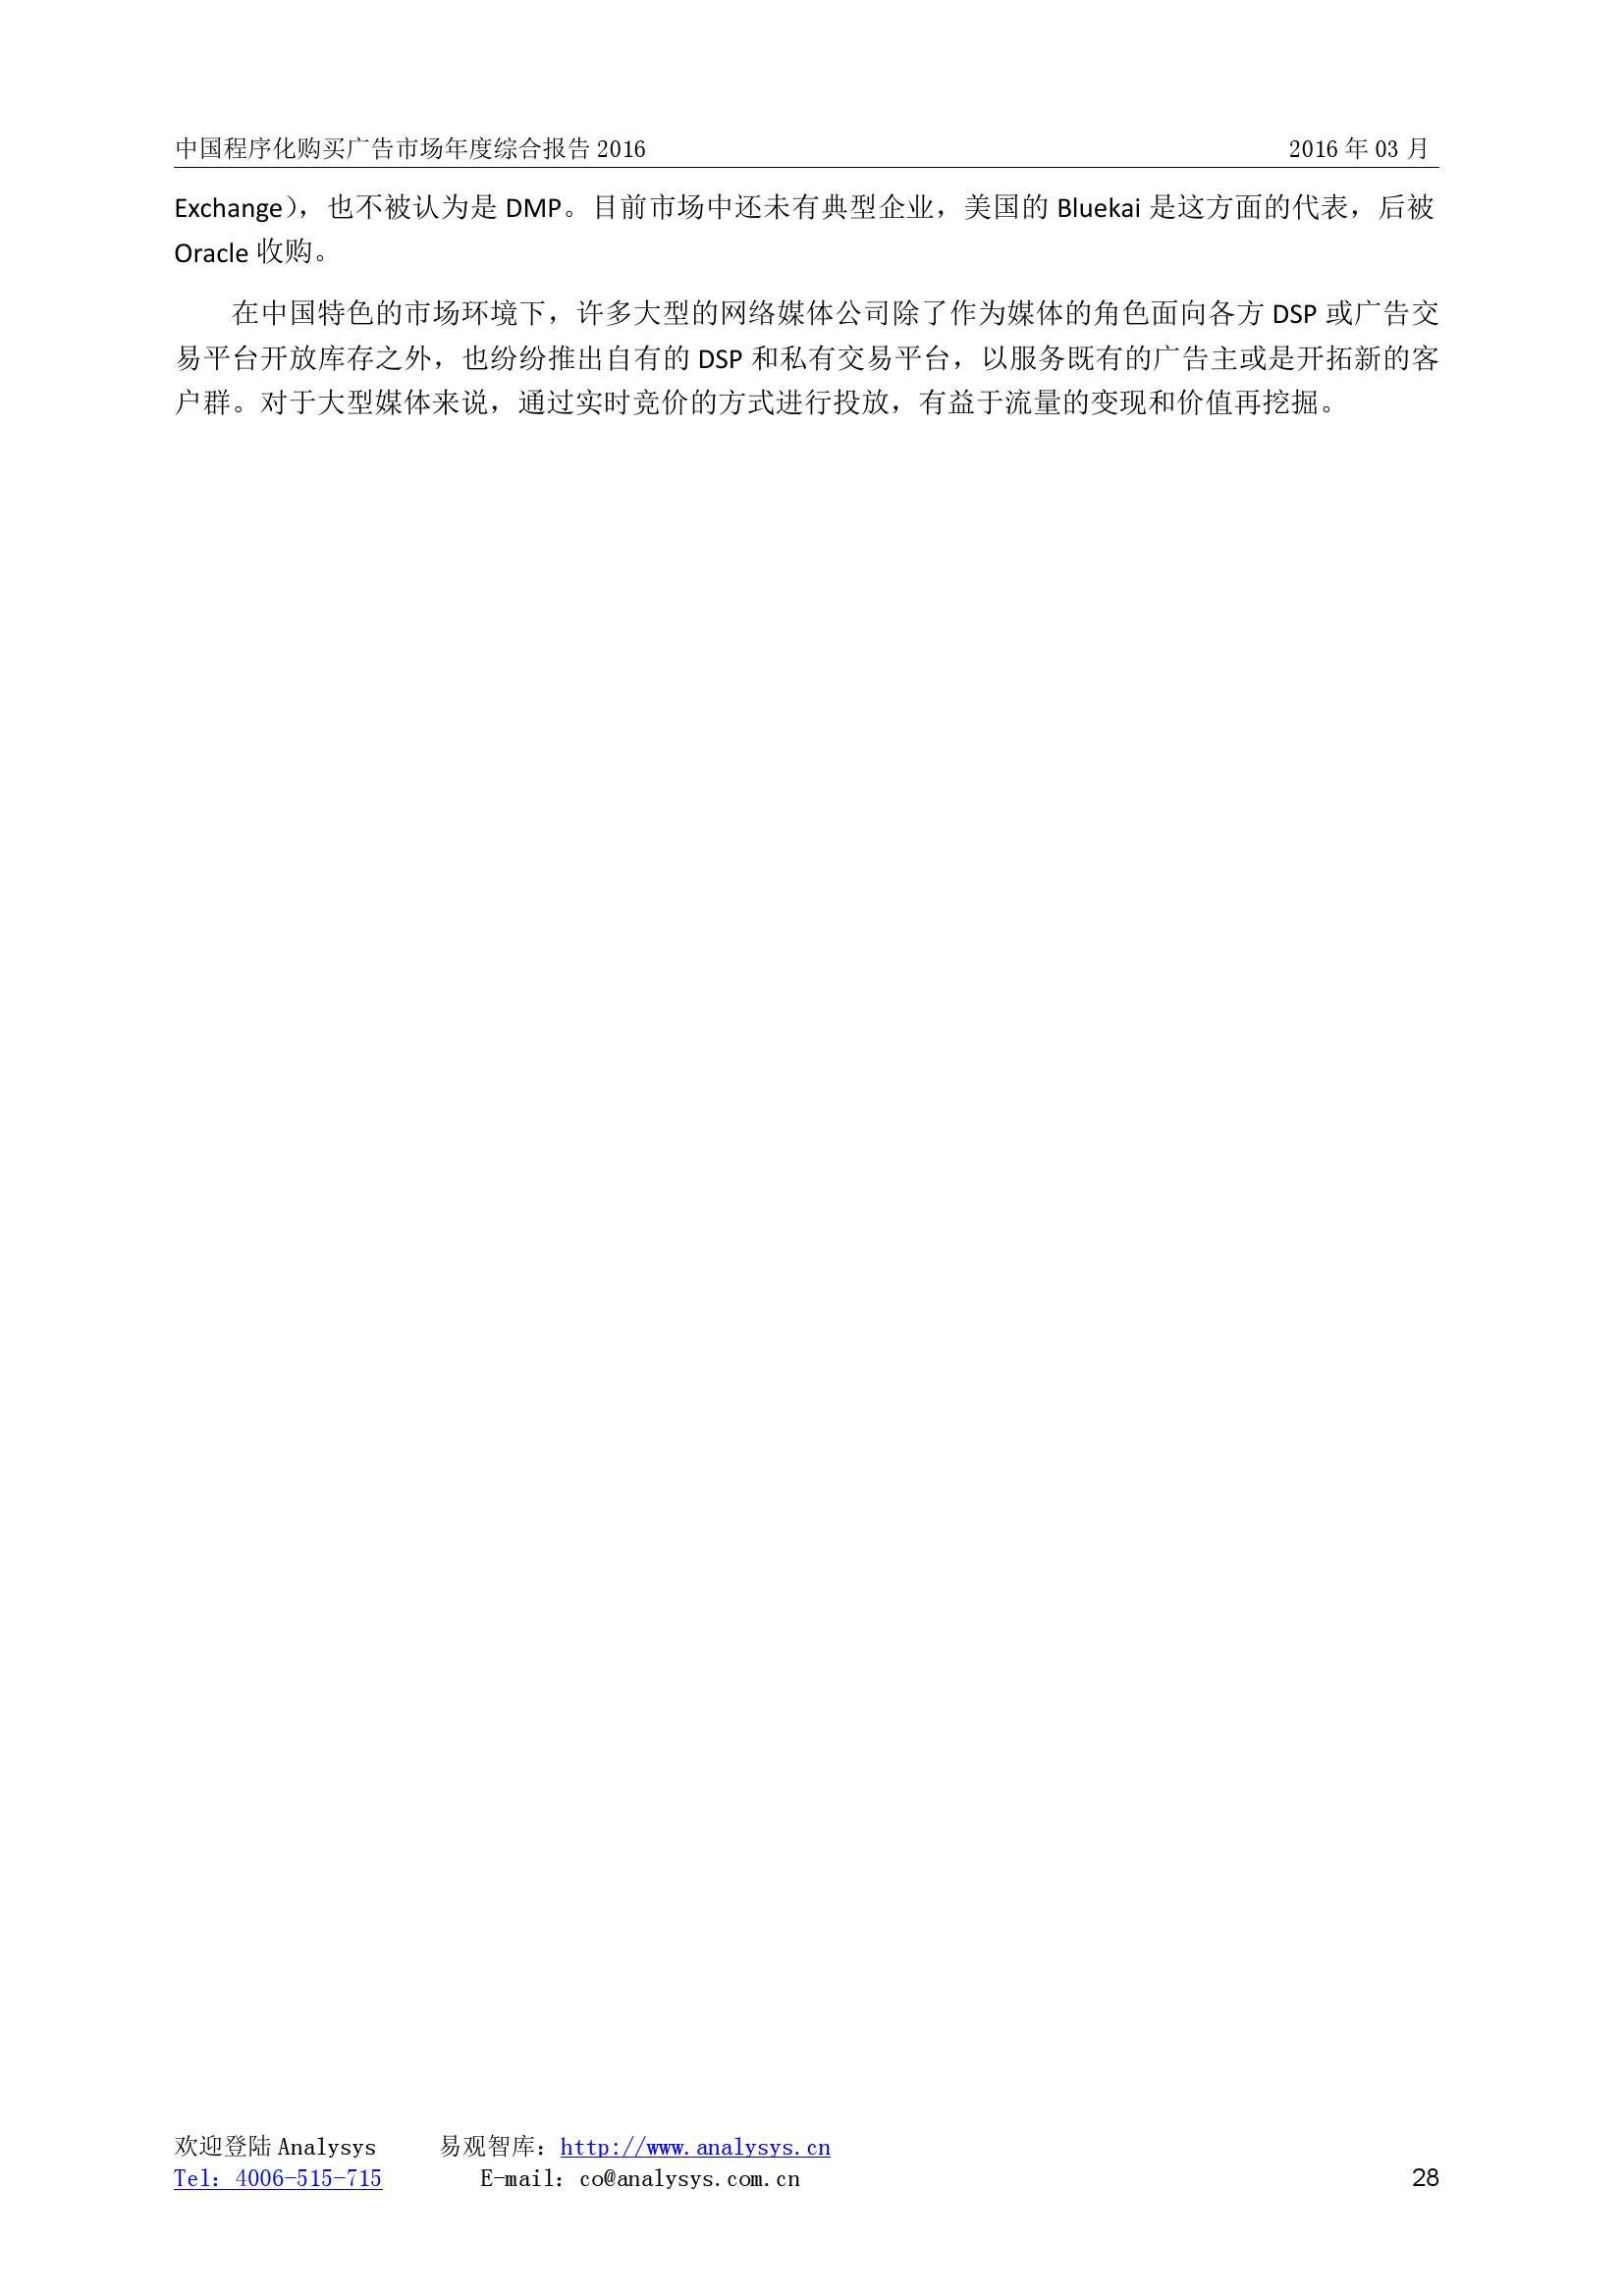 中国程序化购买广告市场年度综合报告2016_000028